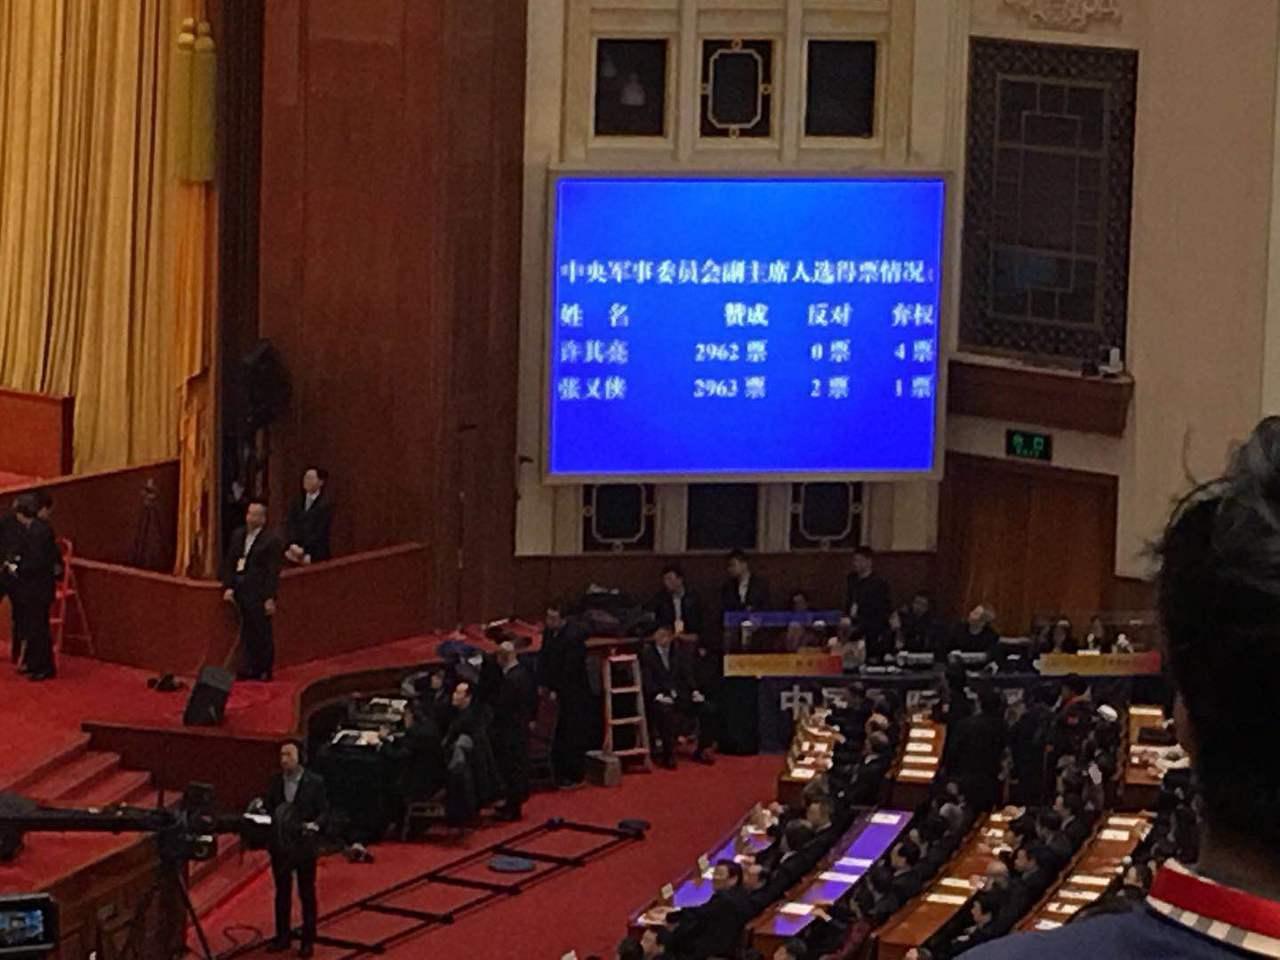 大陸中央軍事委員會副主席許其亮獲得2962票贊成、0票反對、4票棄權,另一位副主...